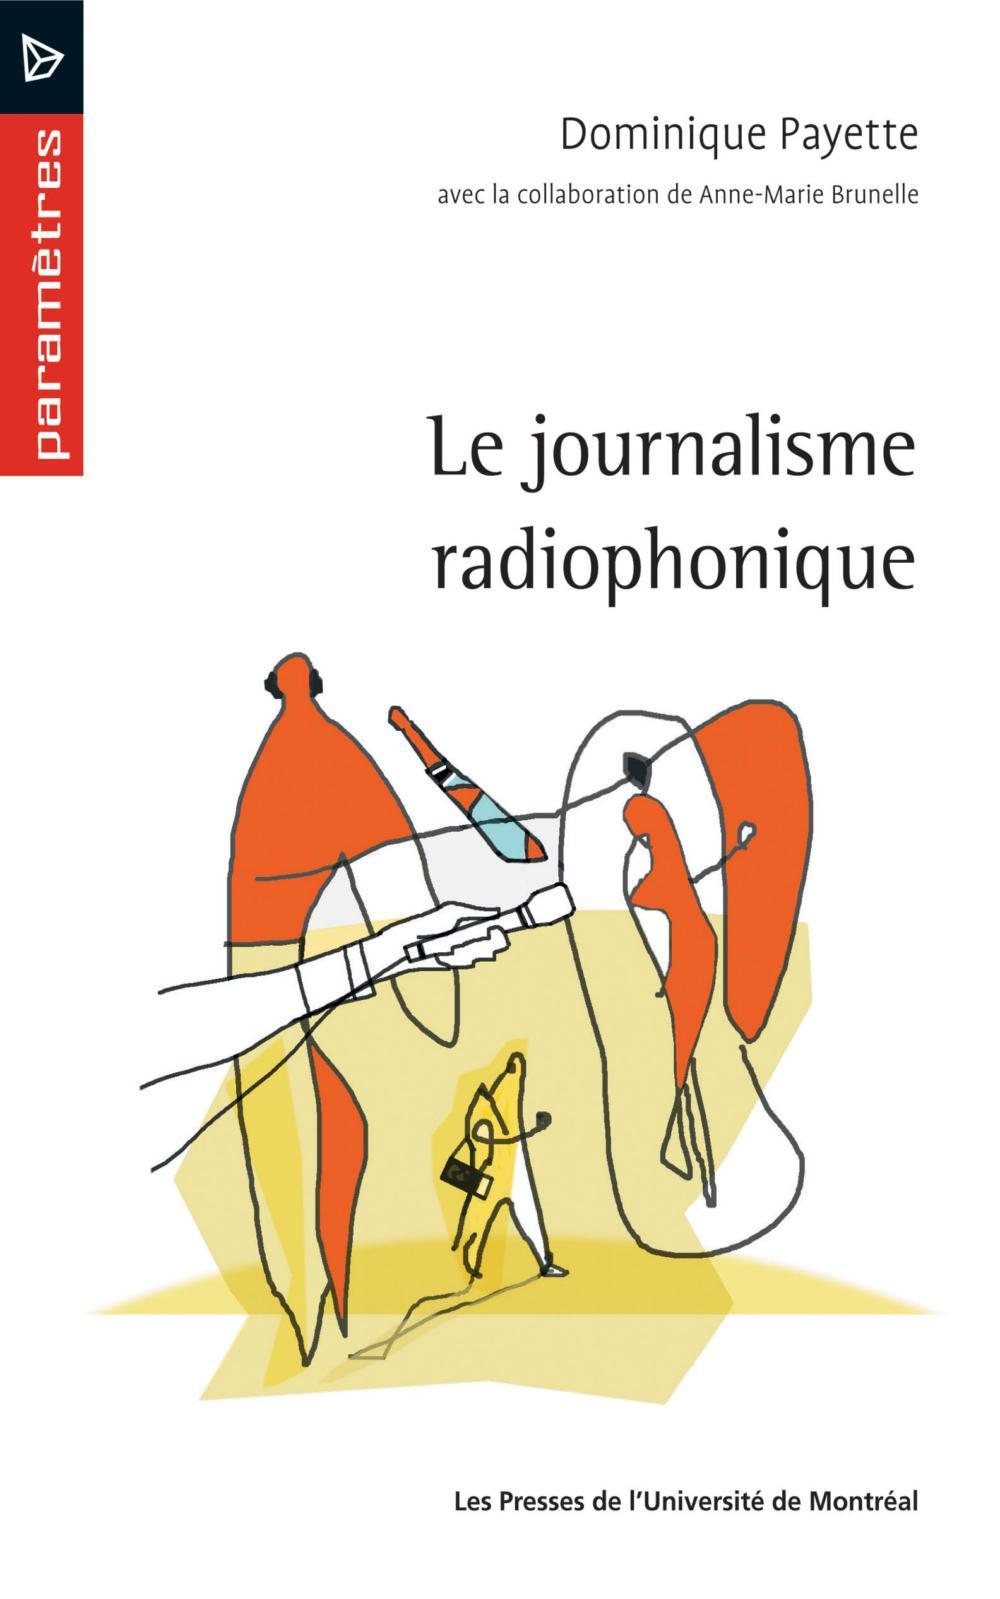 Le journalisme radiophonique